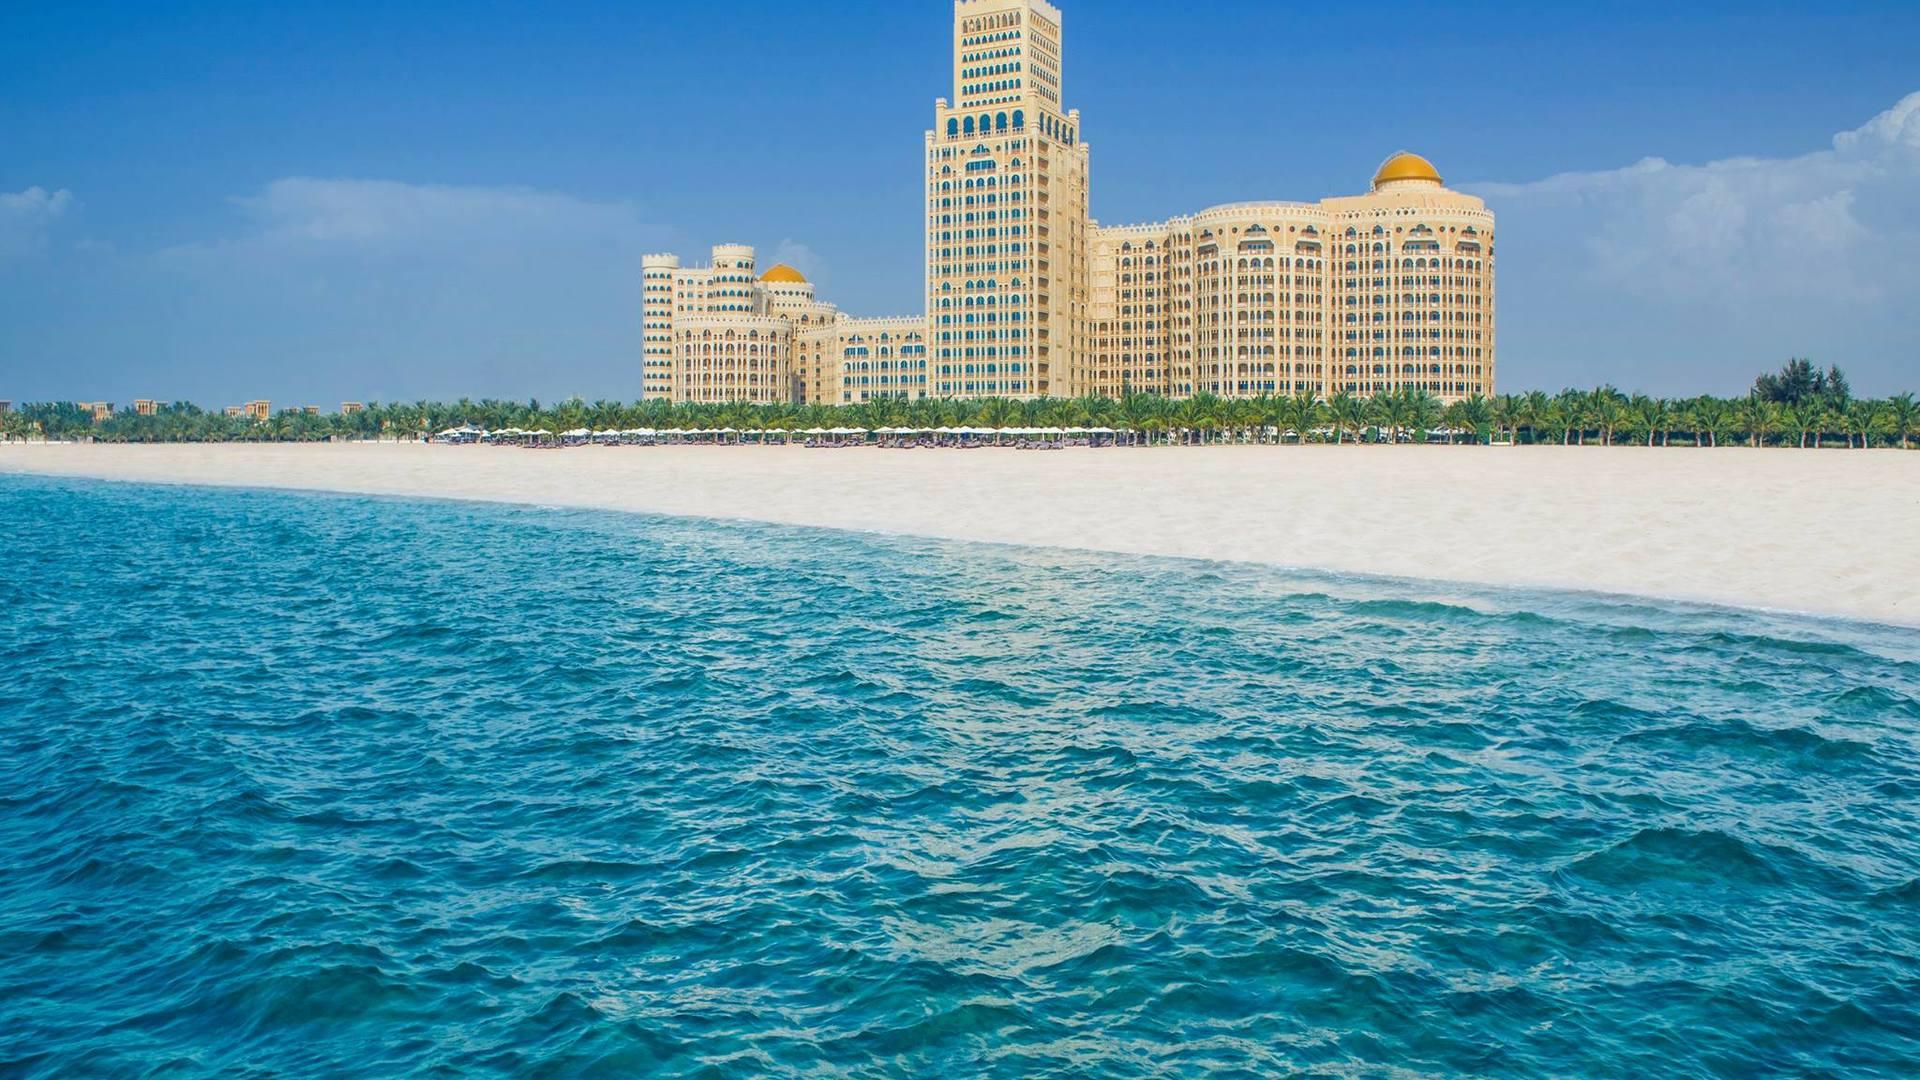 рас аль хайма фото пляжей и набережной несколько лет